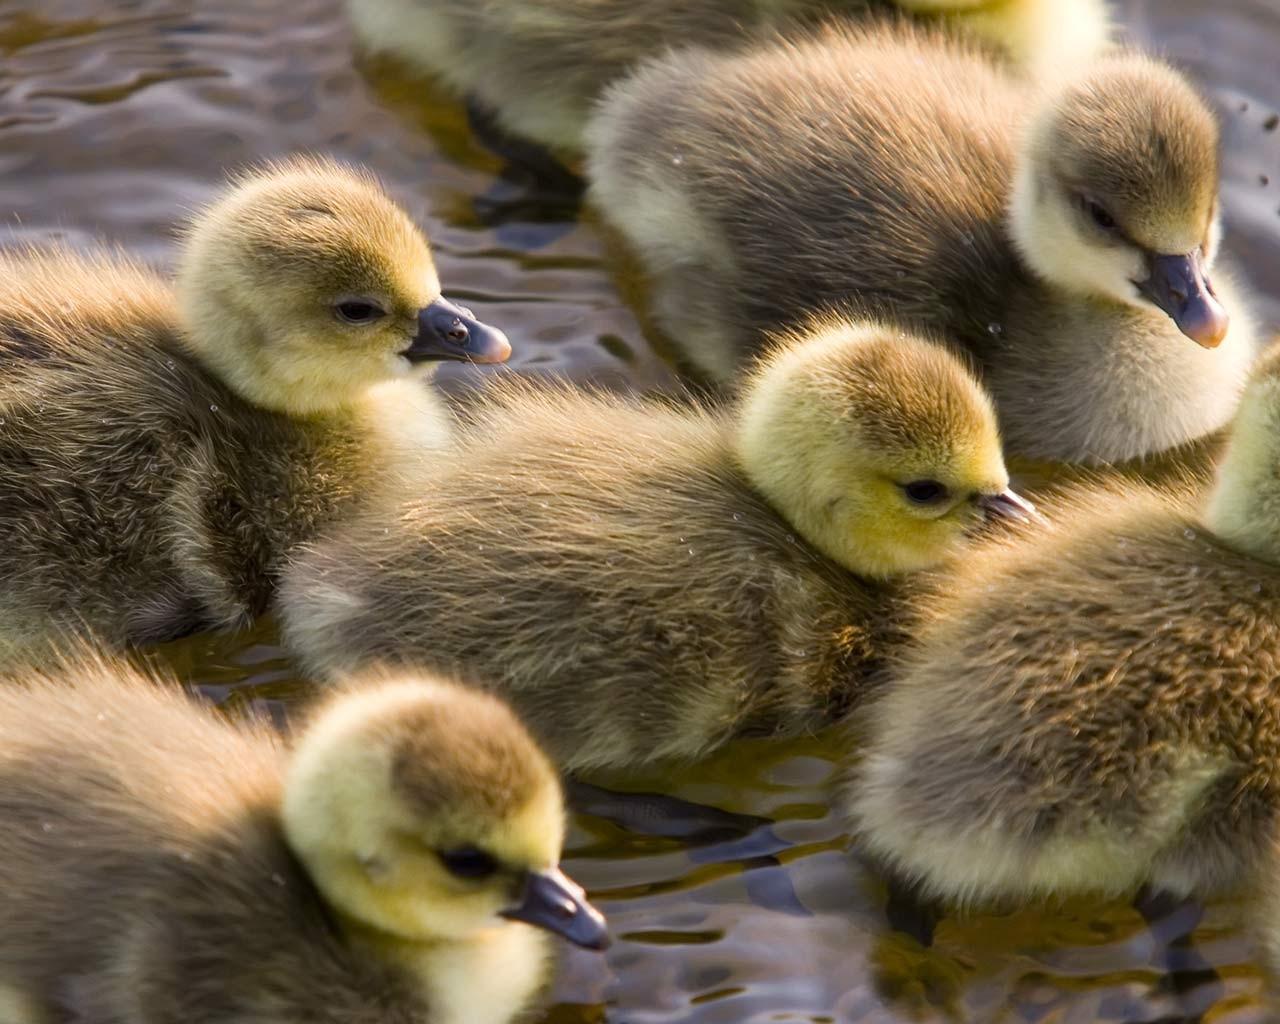 Cute Duckling Wallpaper Sfondi Uccelli Animali Natura Cuccioli Anatra Oca